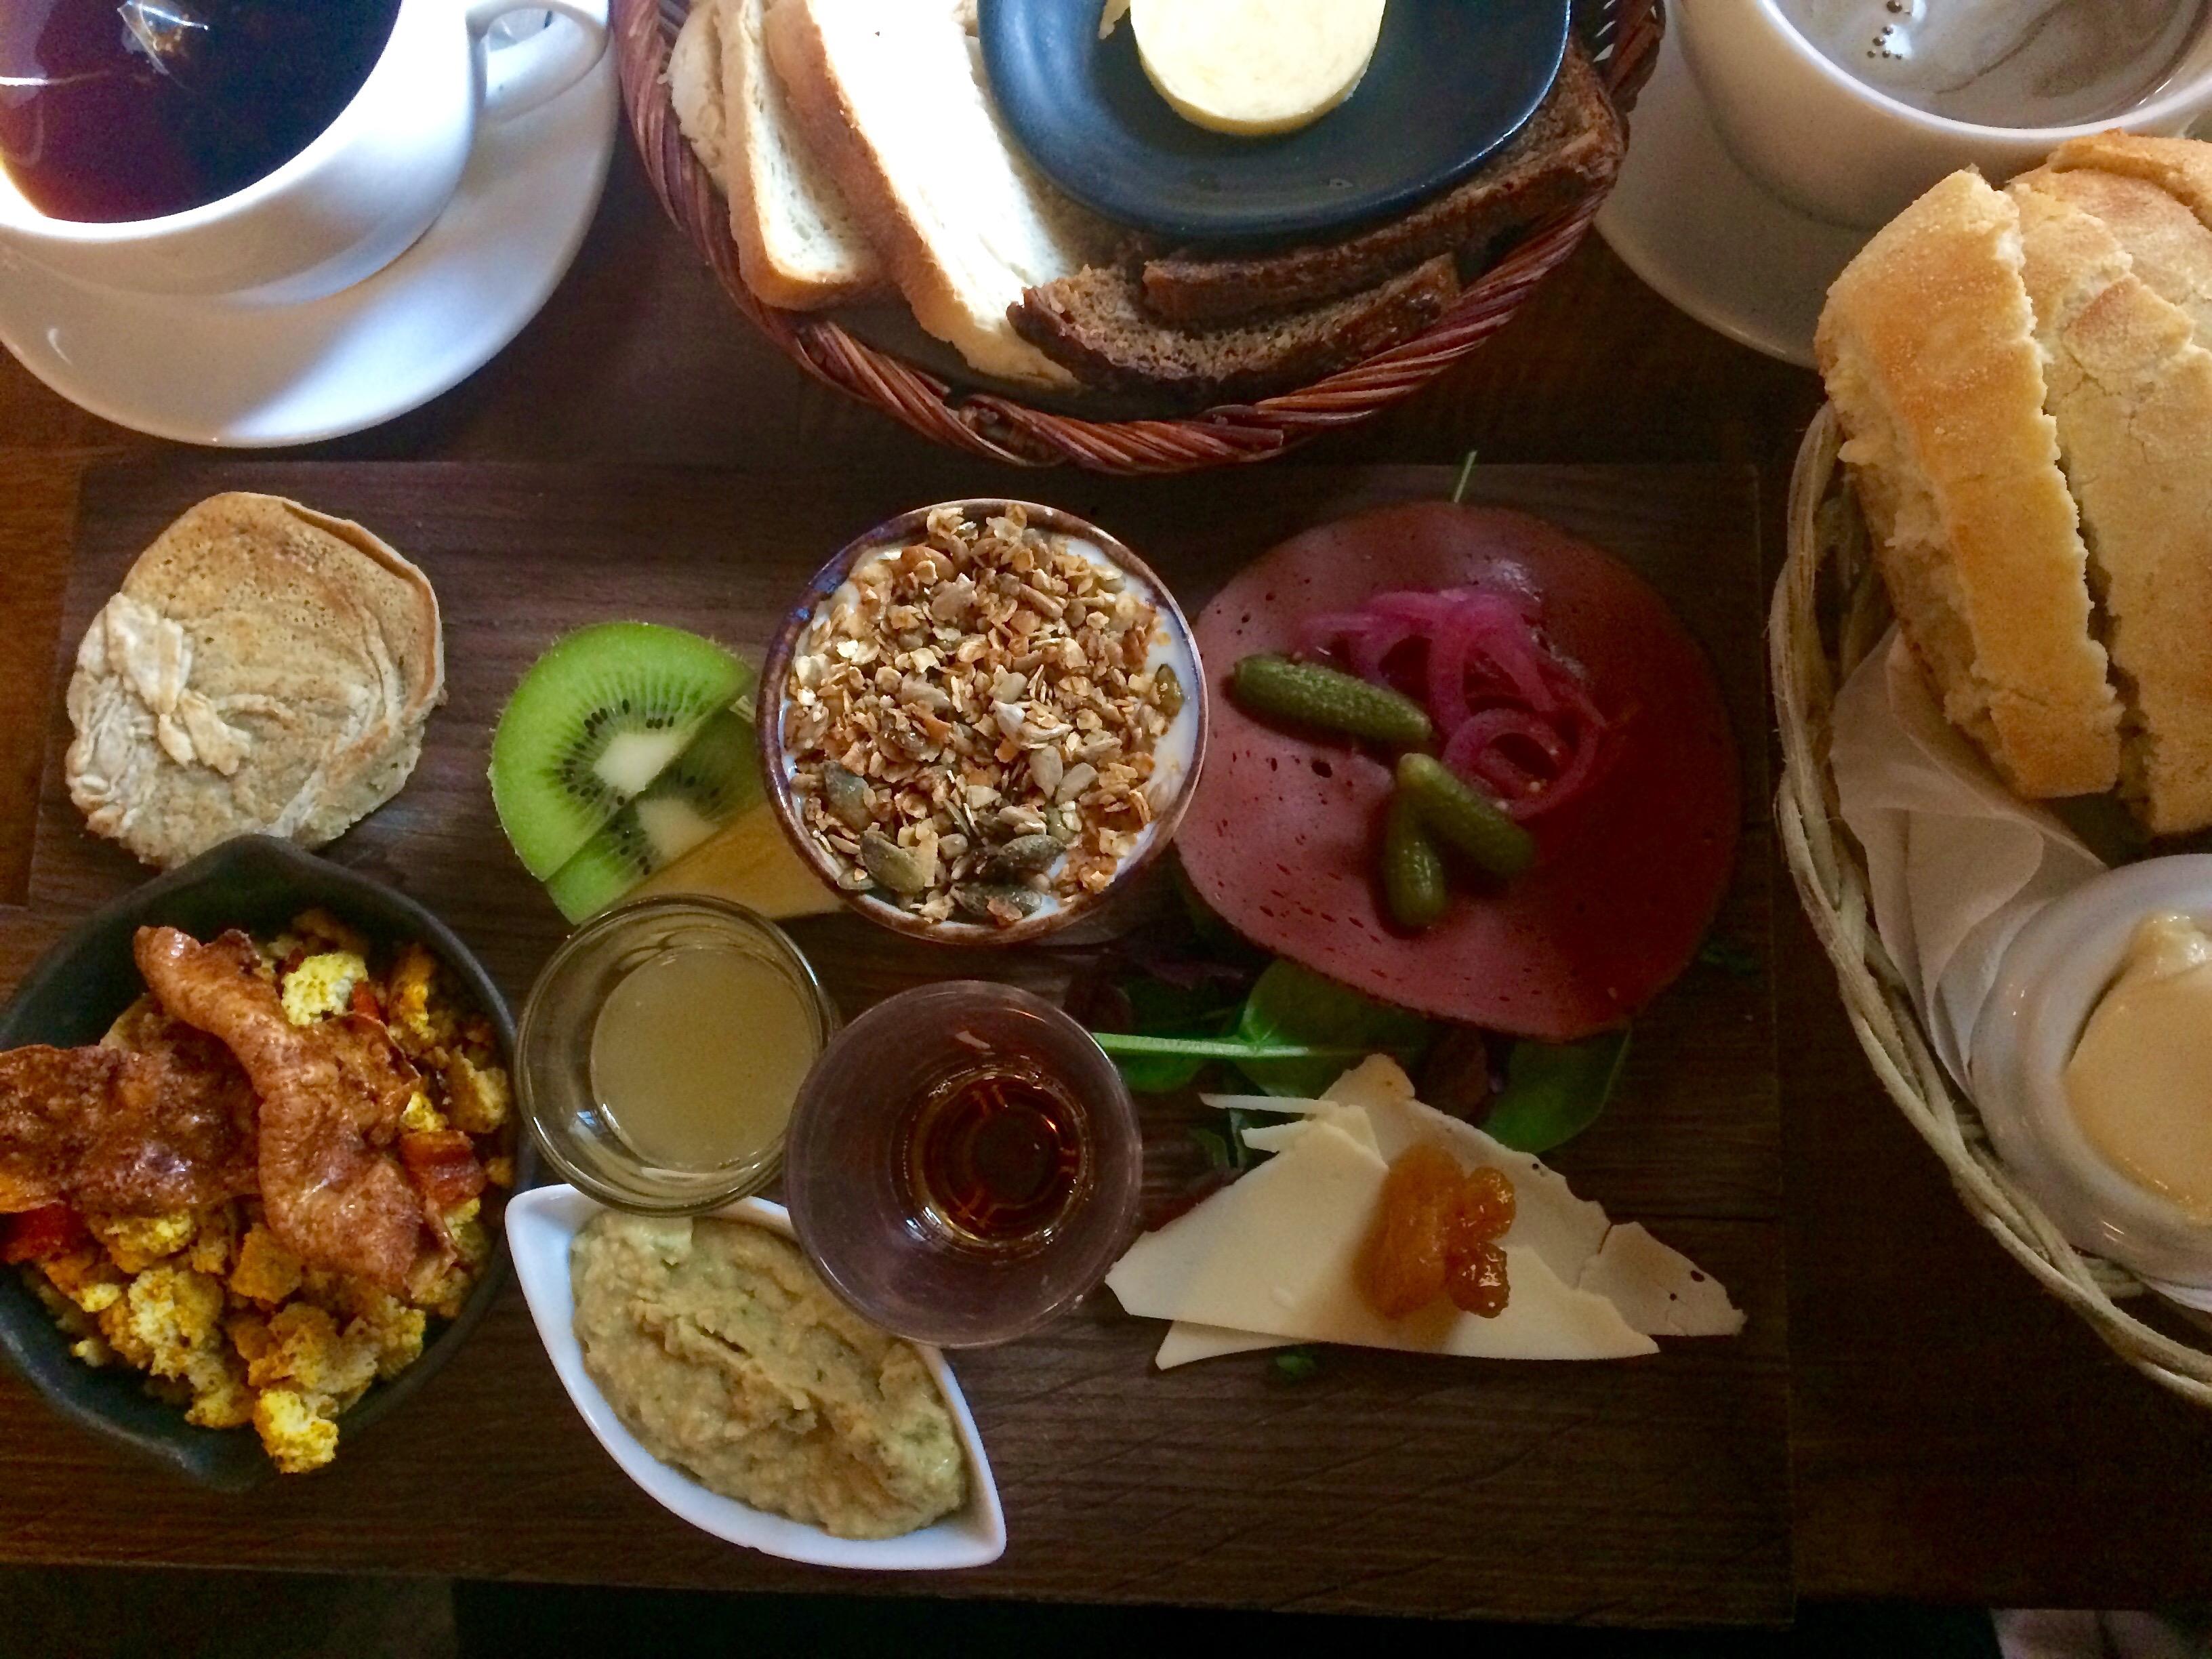 Vegan brunch at Cafe Luna